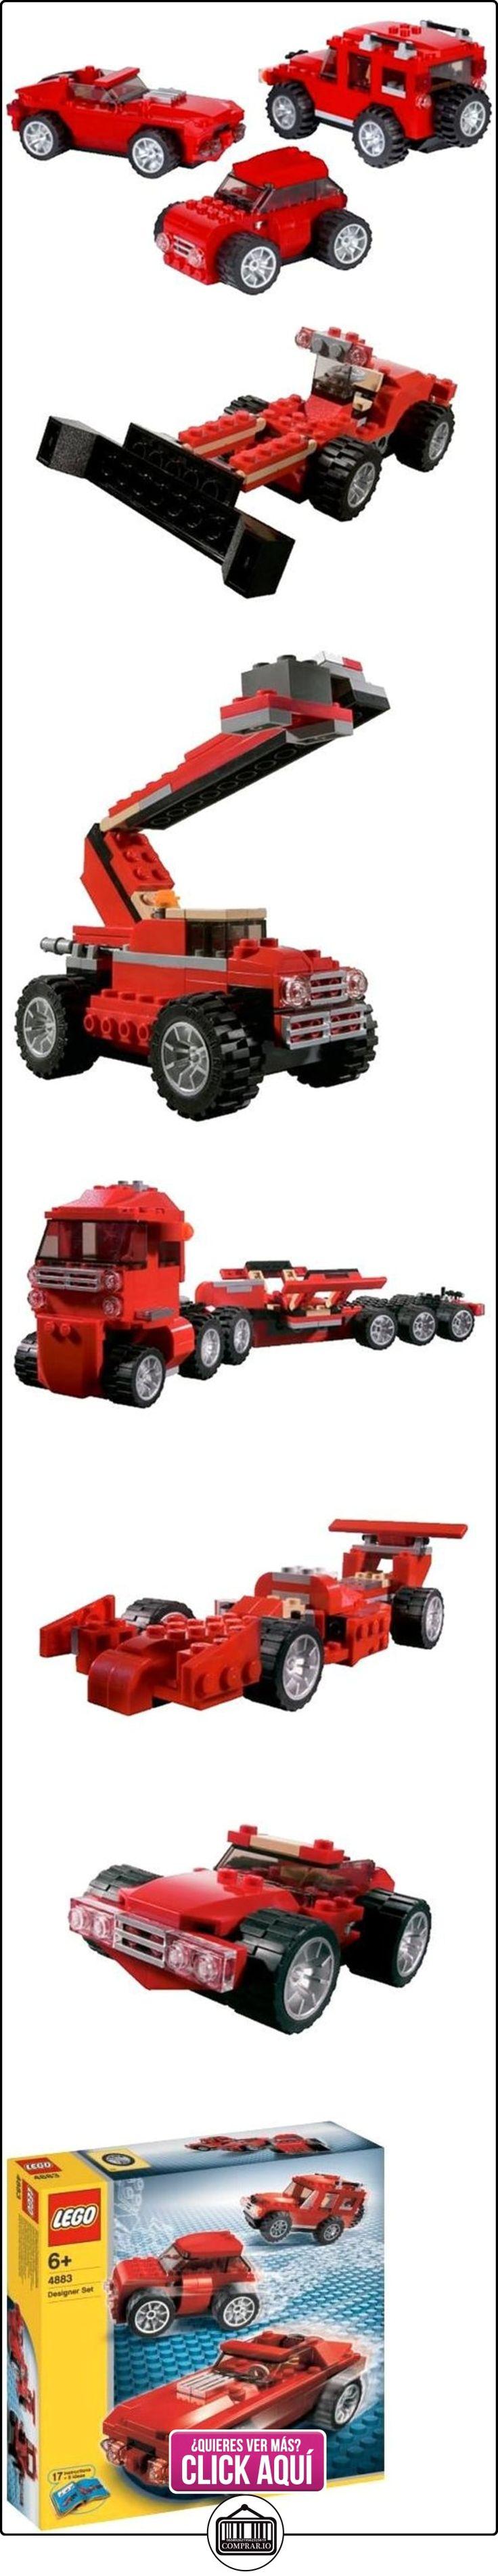 LEGO Creator 4883 - Conjunto de vehículos, 273 piezas  ✿ Lego - el surtido más amplio ✿ ▬► Ver oferta: https://comprar.io/goto/B0007LXVSK